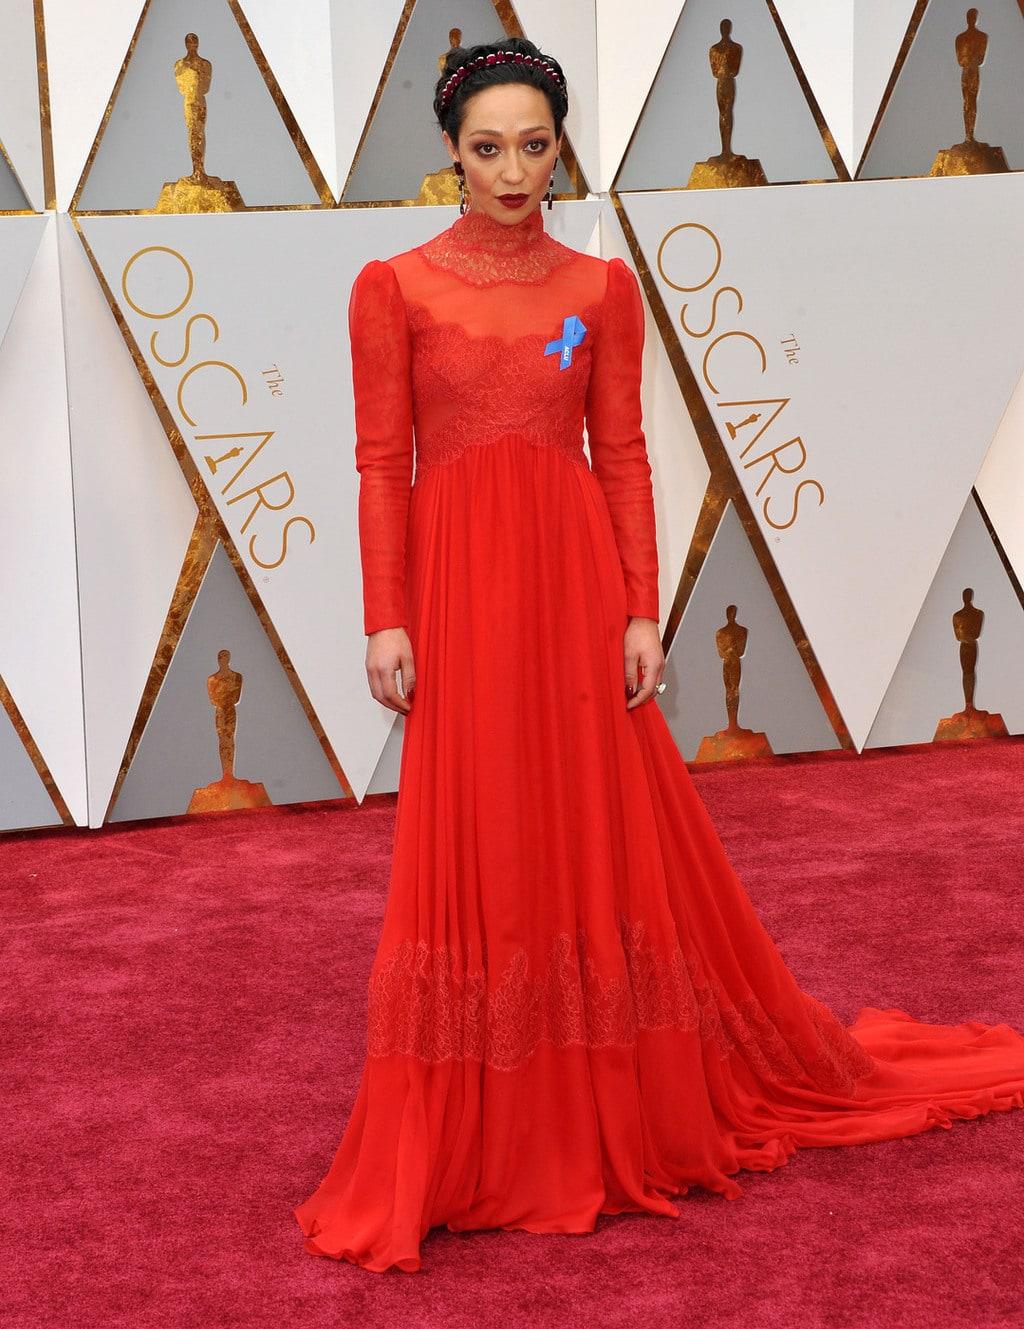 Ruth Negga in Custom Valentino at the 2017 Oscars